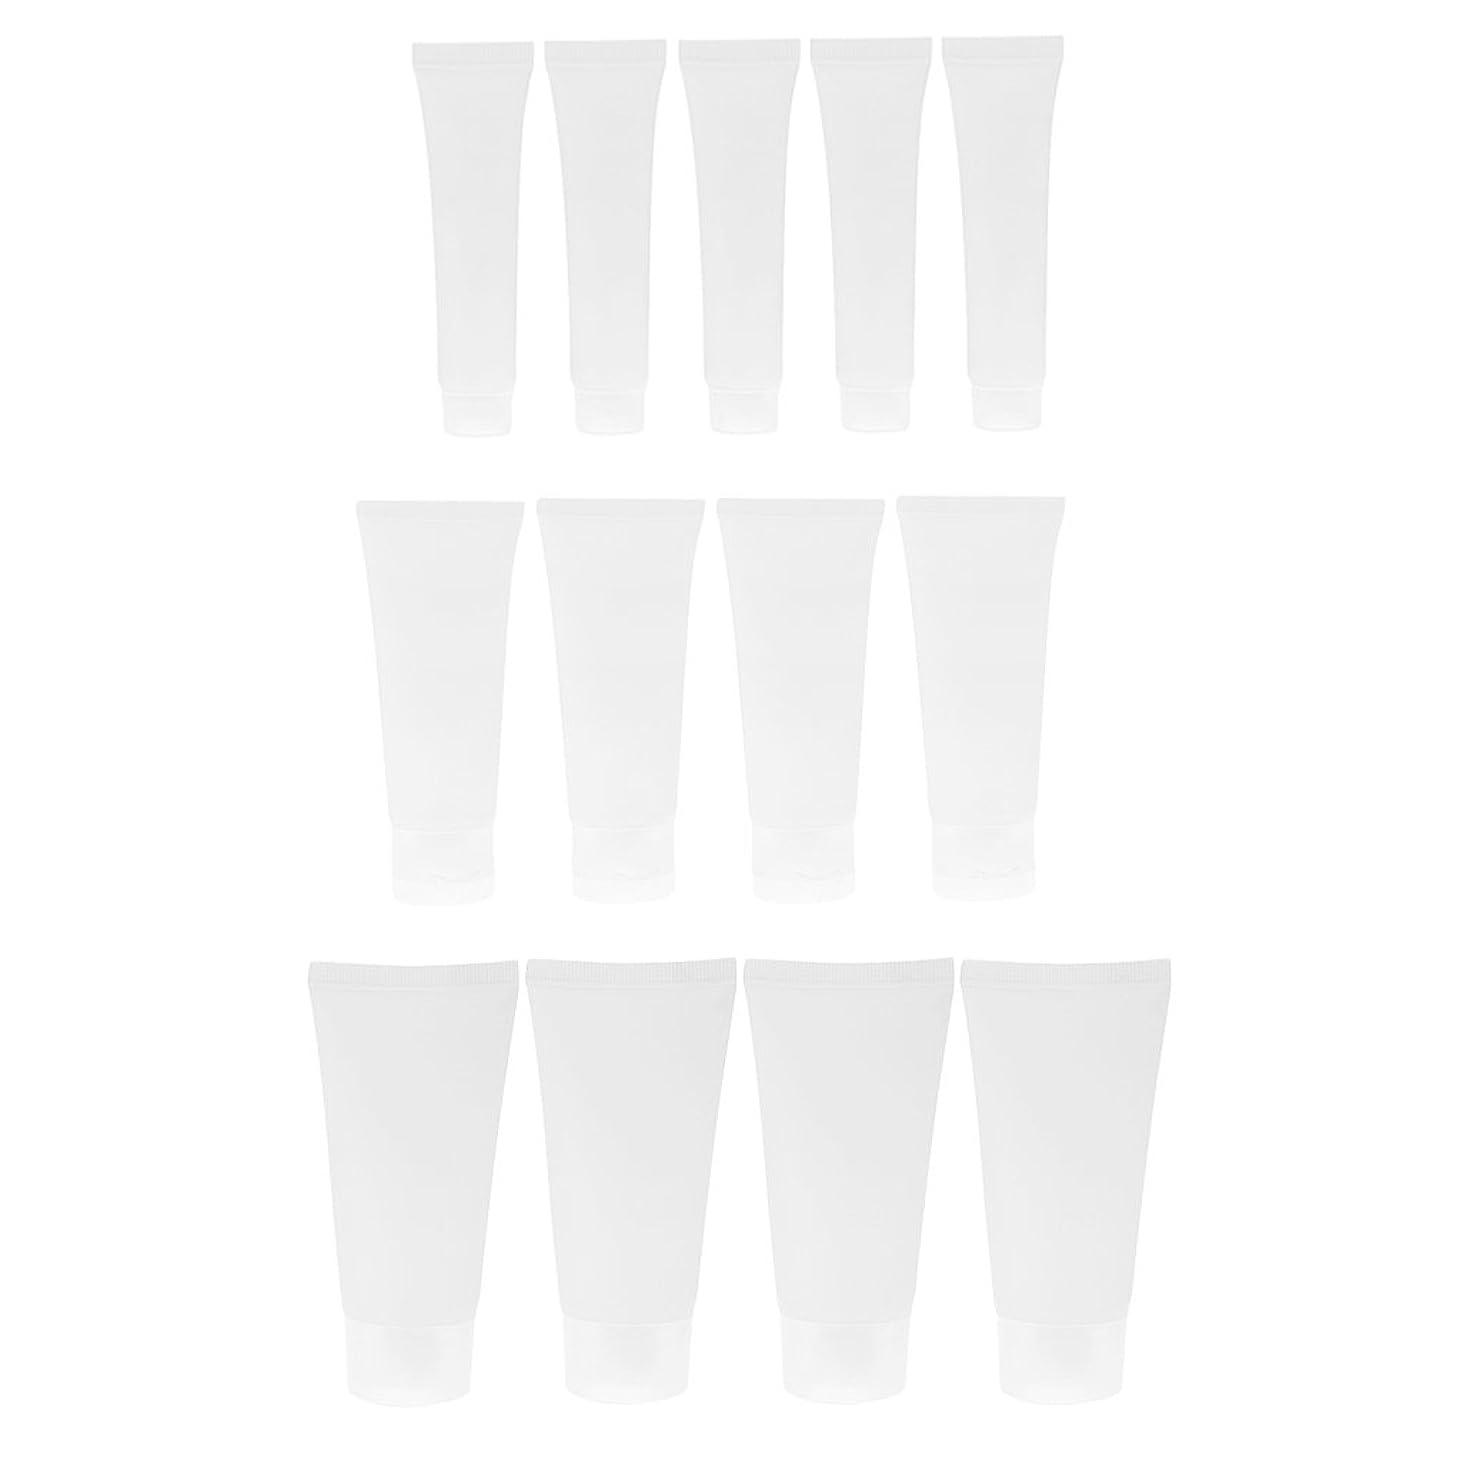 用語集潤滑する負荷Perfeclan 15個セット 15ml / 50ml / 30ml 空チューブ ハンドクリーム ローション ボトル 軽量